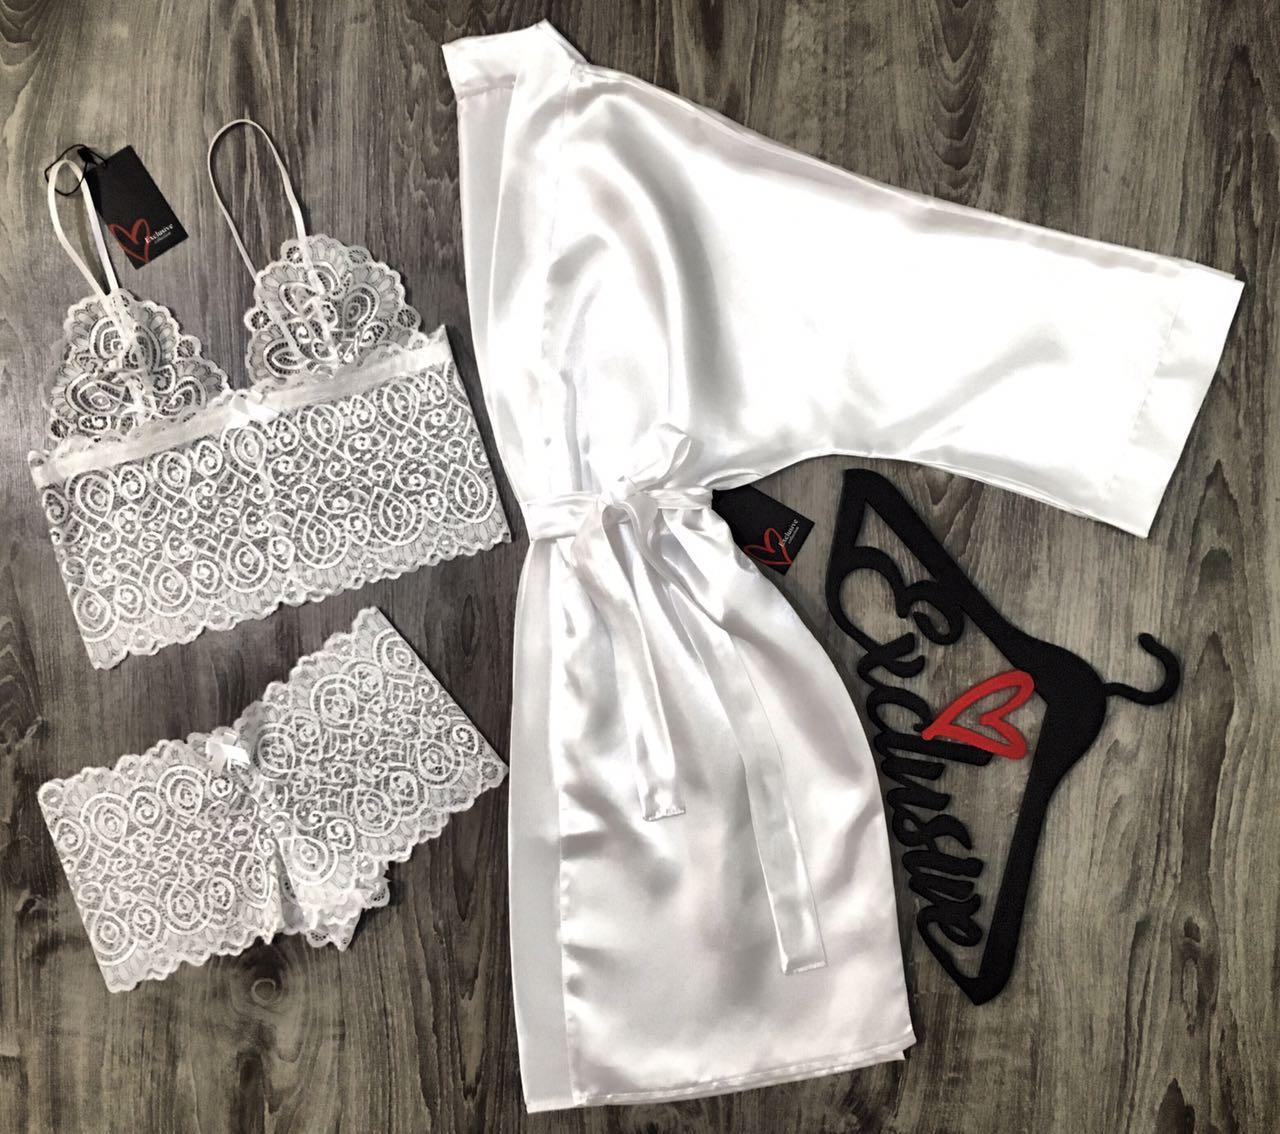 Белый кружевной комплект белья+атласный халат-набор одежды.